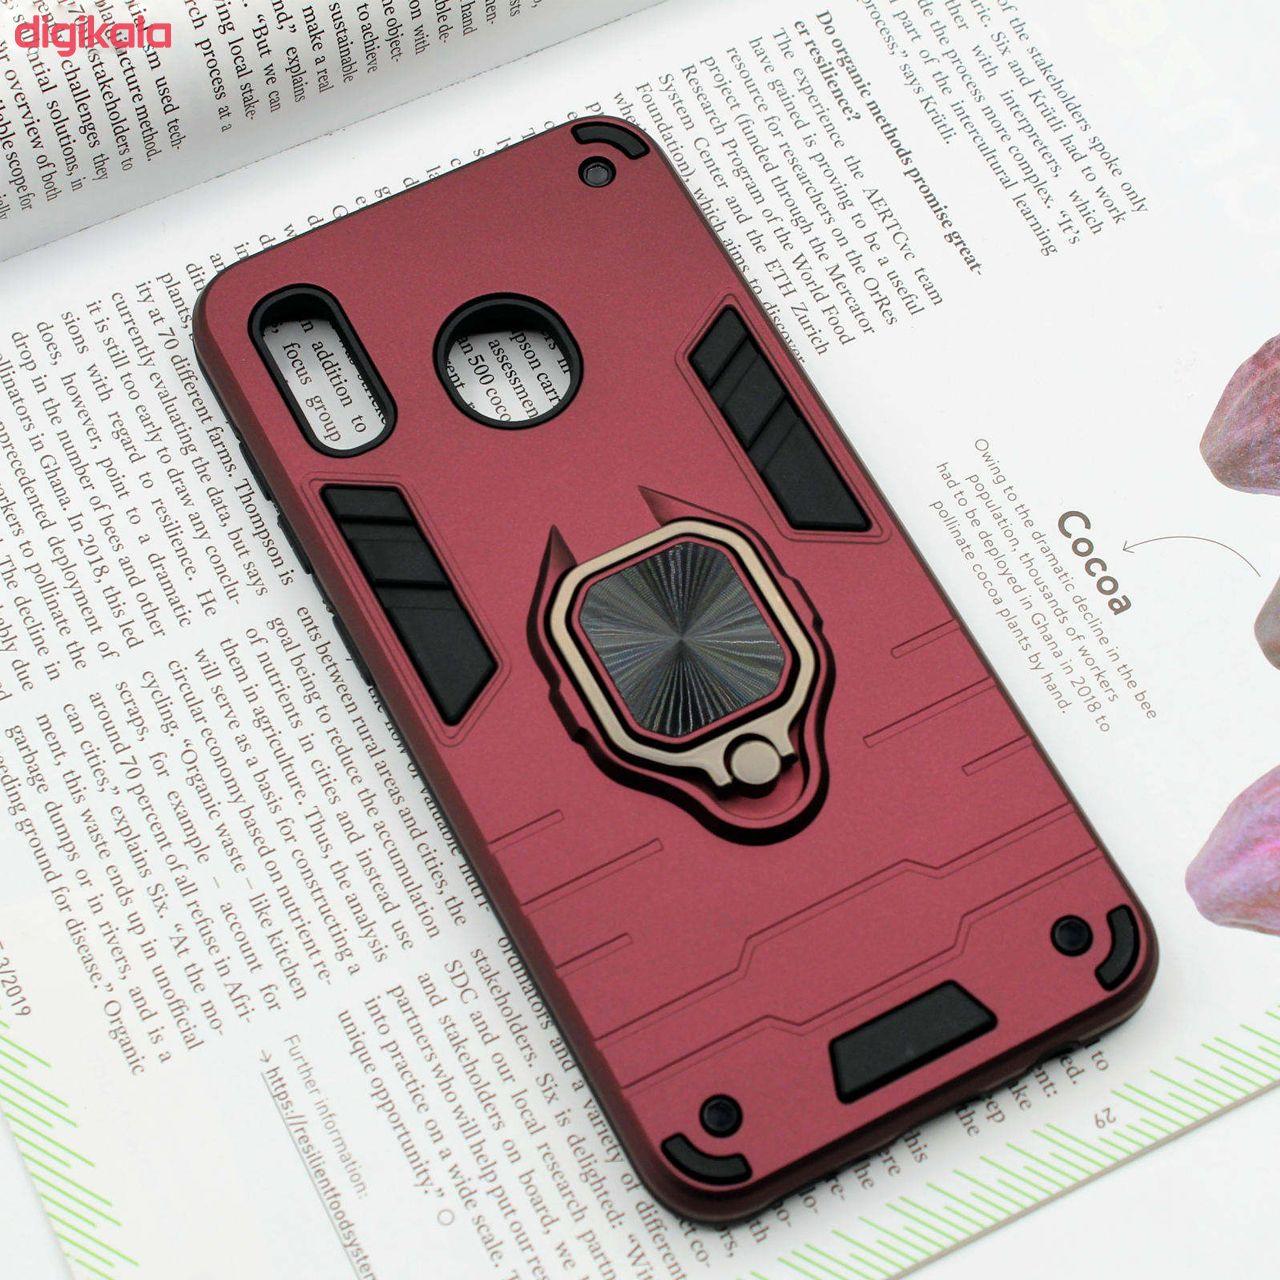 کاور کینگ پاور مدل ASH22 مناسب برای گوشی موبایل هوآوی Y6 Prime 2019 / Y6S / آنر 8A main 1 11